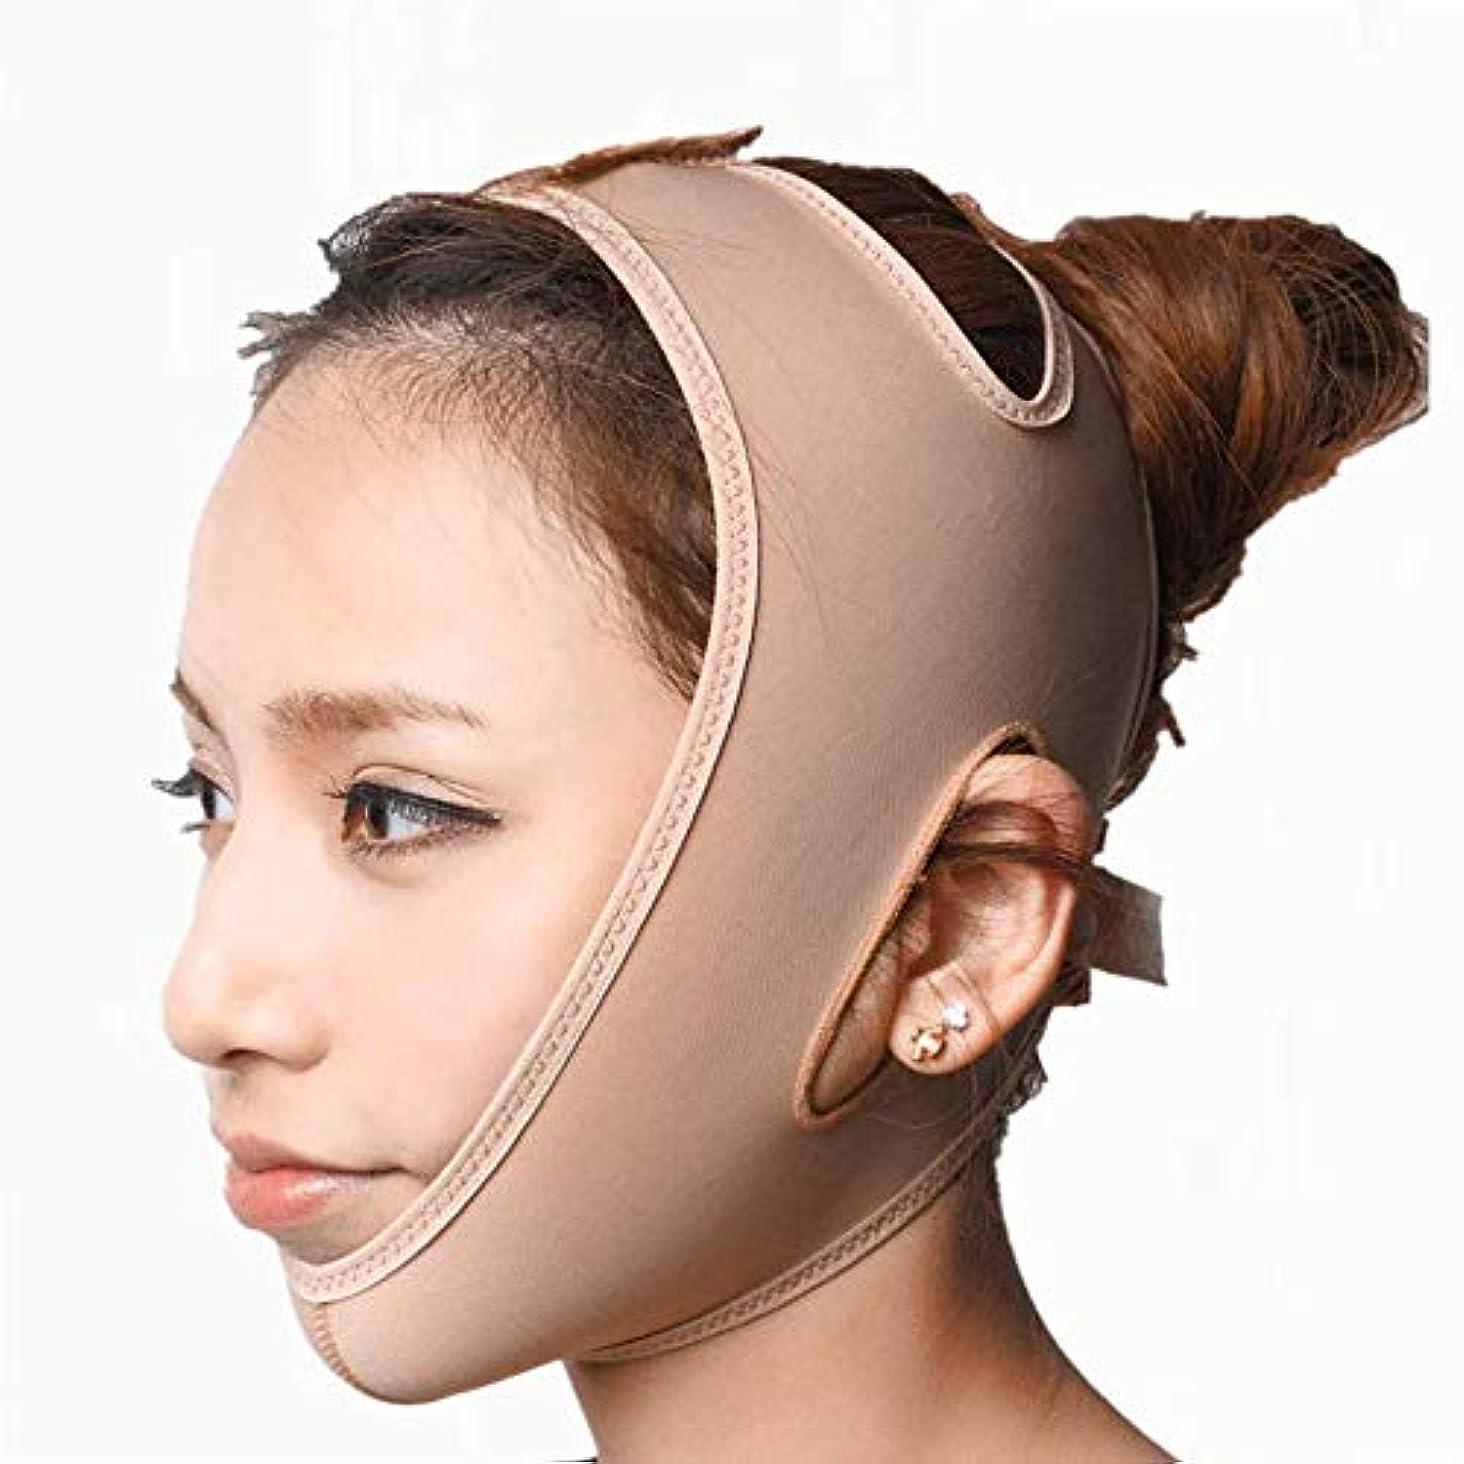 悩みありがたいシフトWSJTT 女性のための手術後のチンストラップ包帯 - 首とあごの圧縮衣服ラップ - フェイススリム、Jowl引き締め、チンリフティング医療アンチエイジングマスク